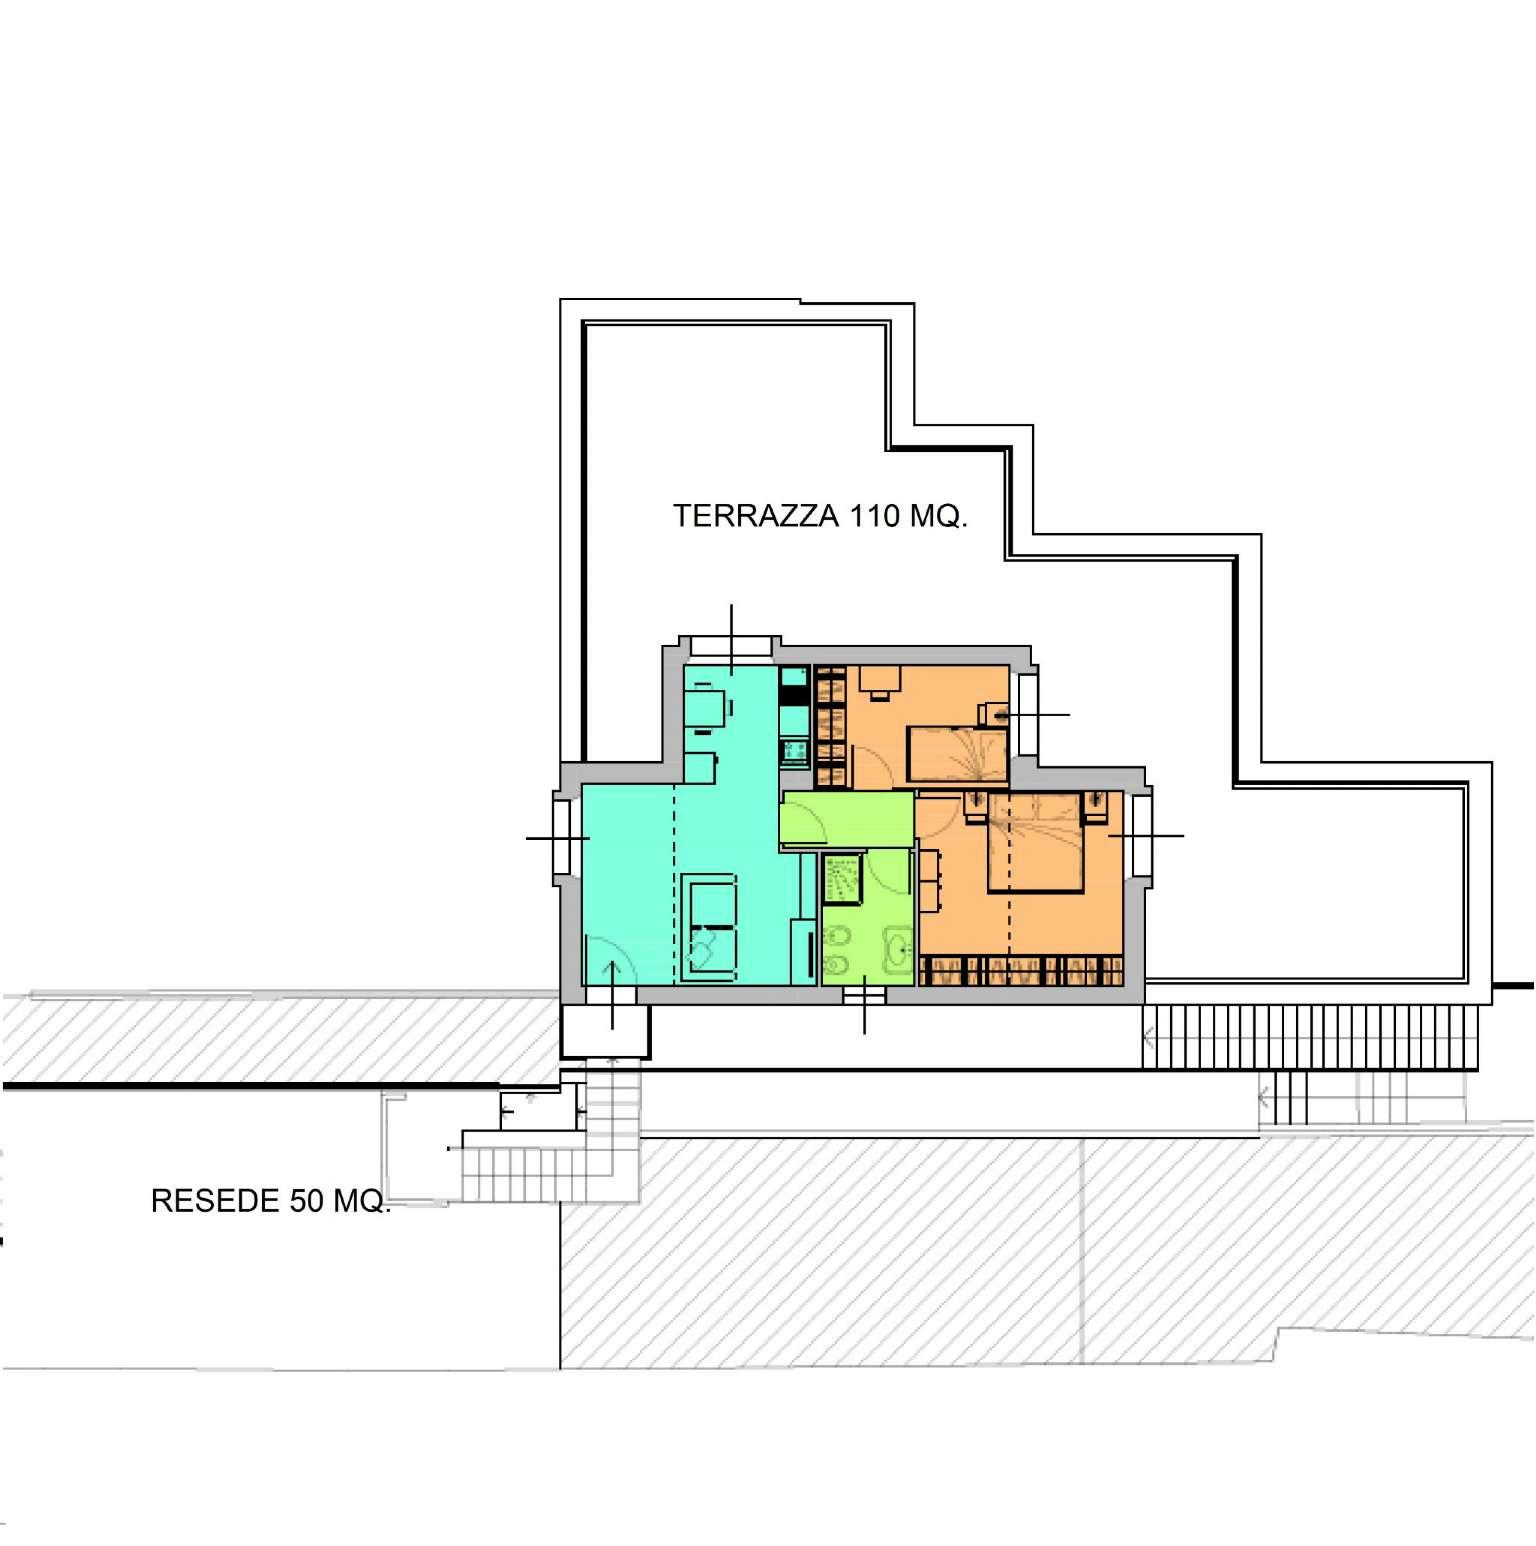 Attico di nuova costruzione con terrazza e resede esclusiva